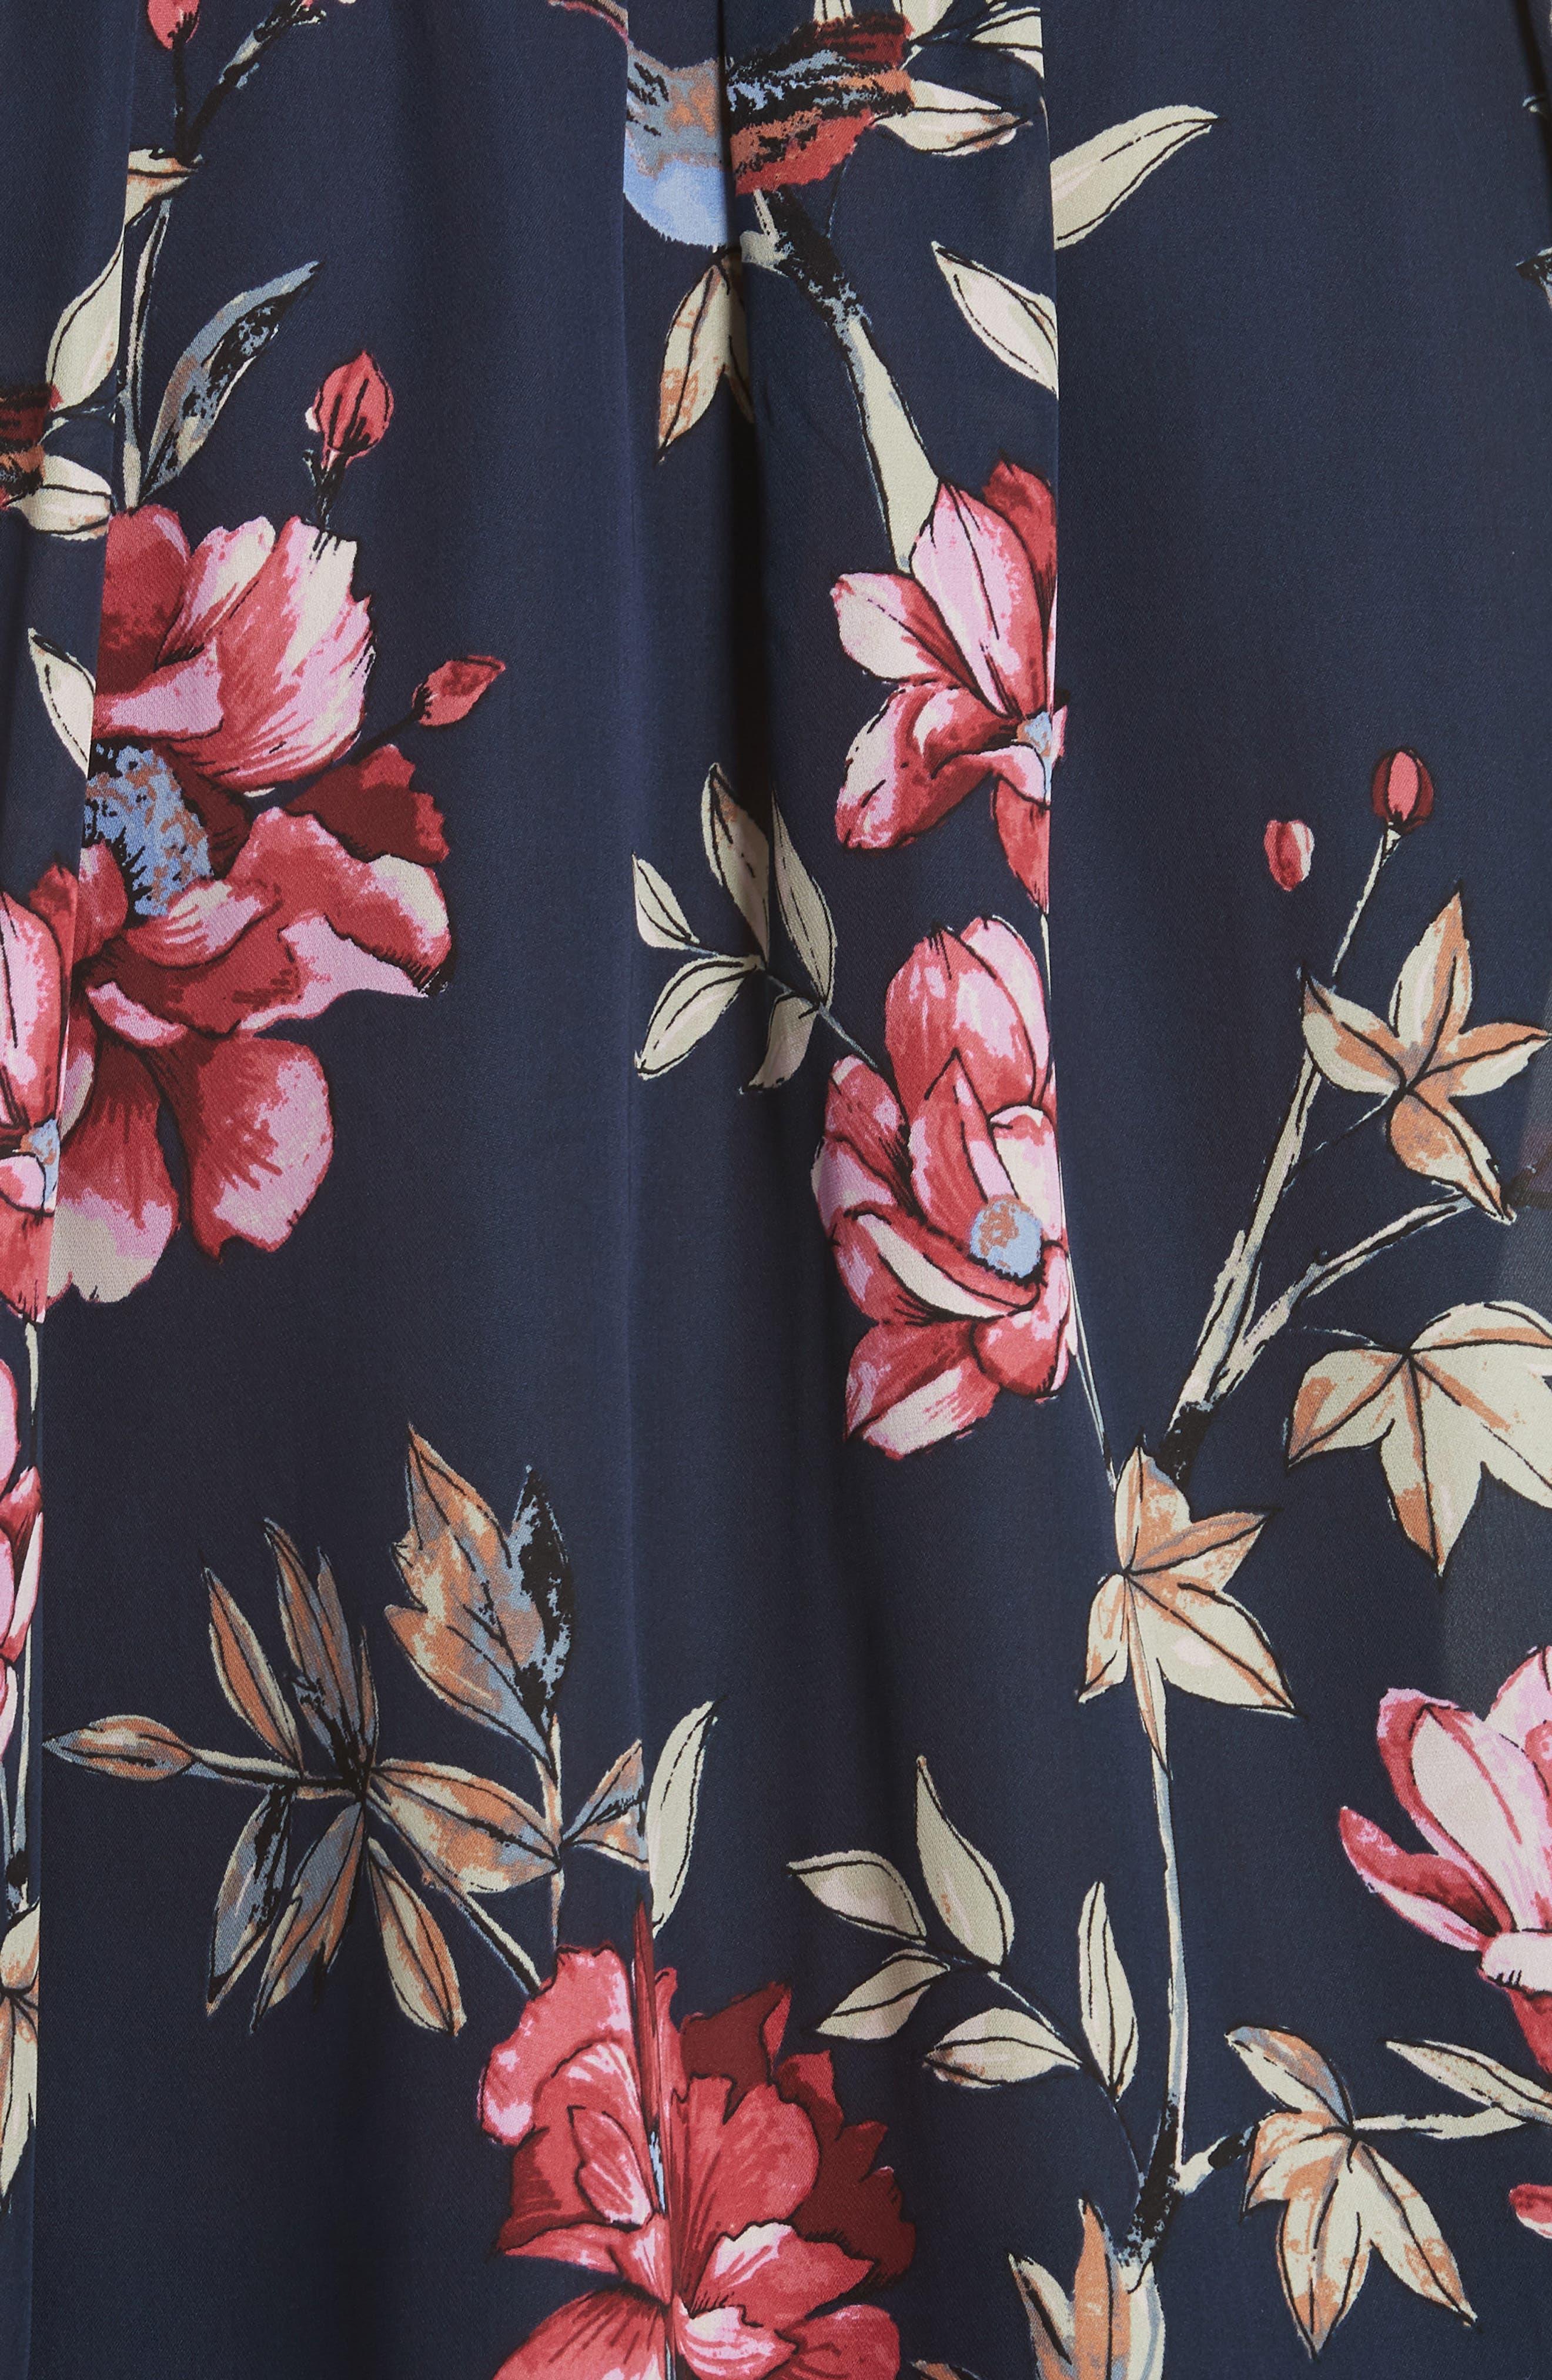 Corsen Floral Silk Blouse,                             Alternate thumbnail 5, color,                             410